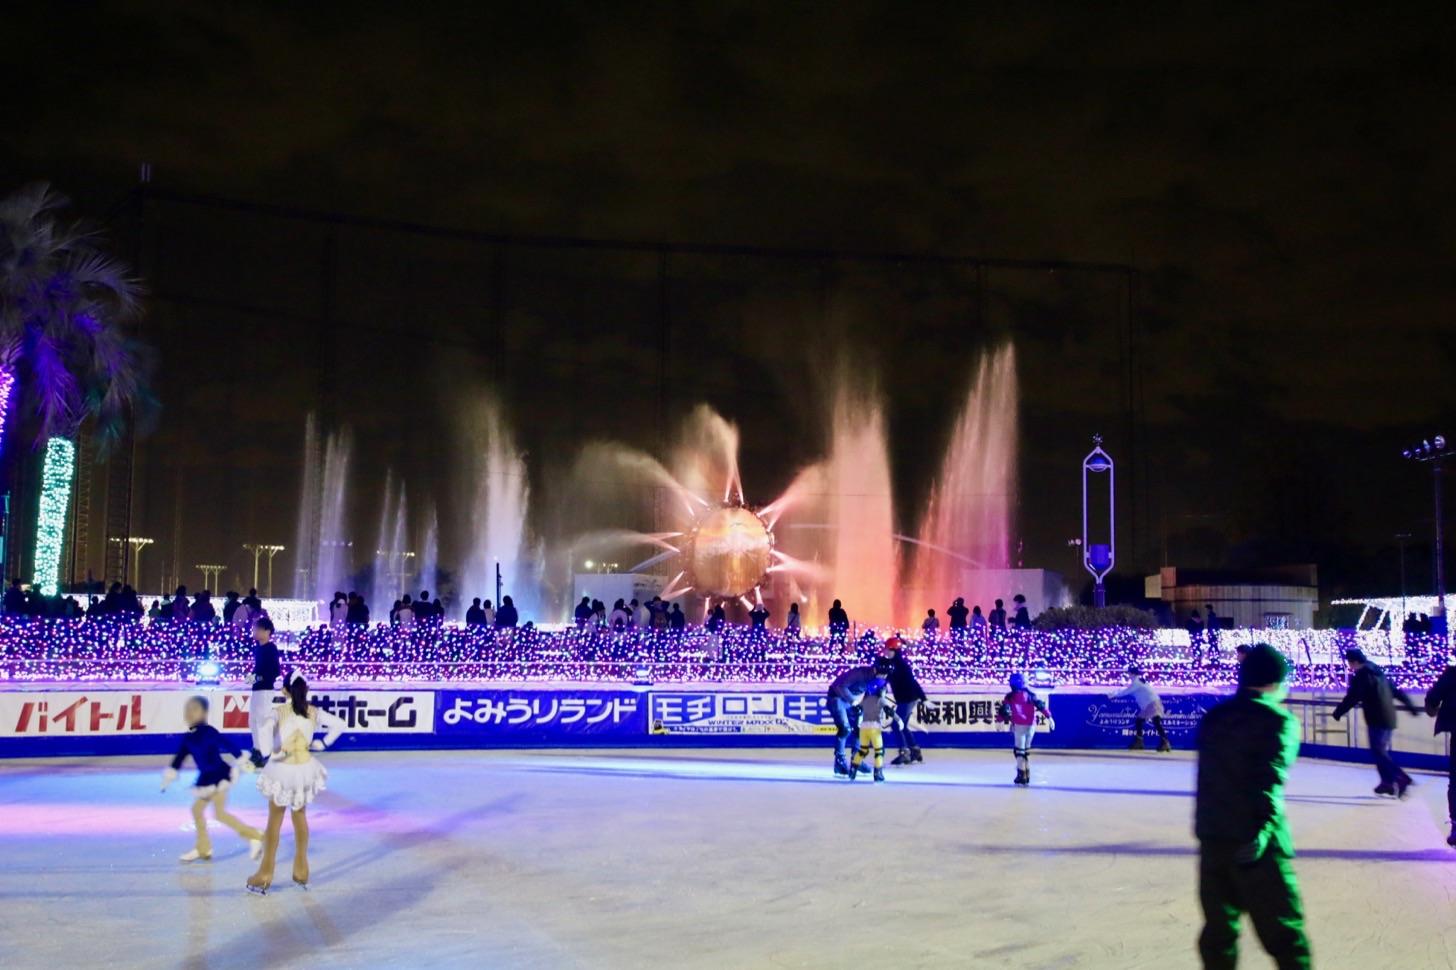 アイススケートリンク ホワイトジュエル